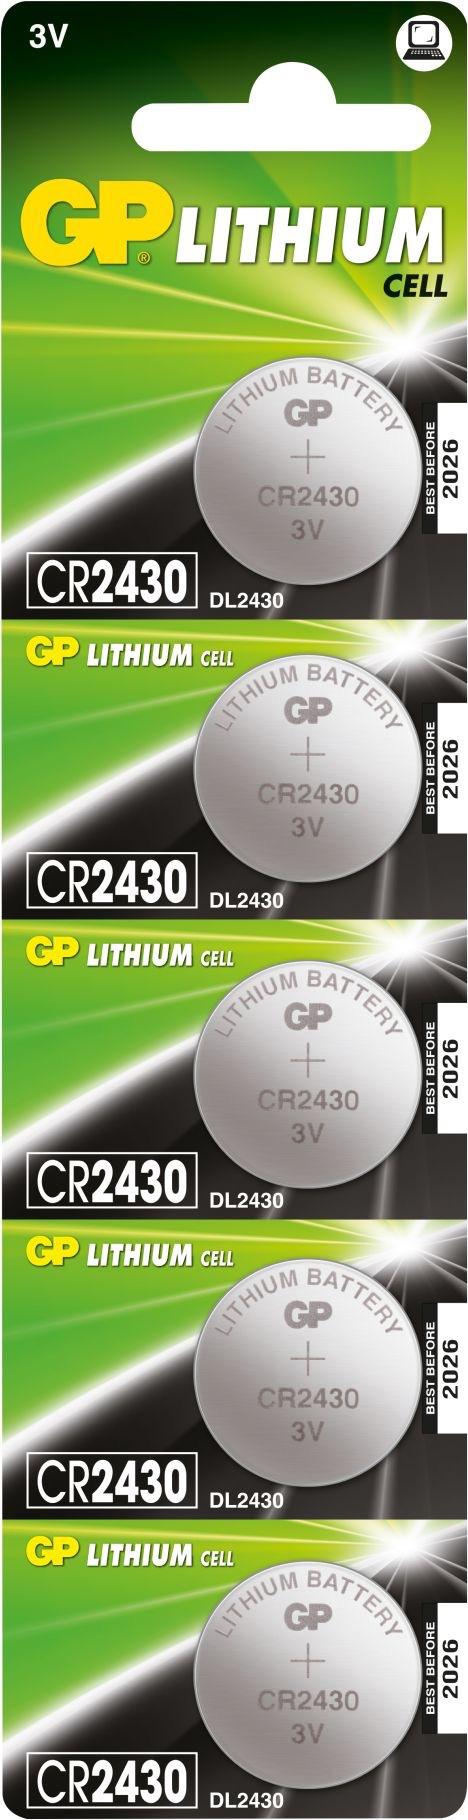 Billede af 5 stk. CR 2430 3 Volt Lithium batteri